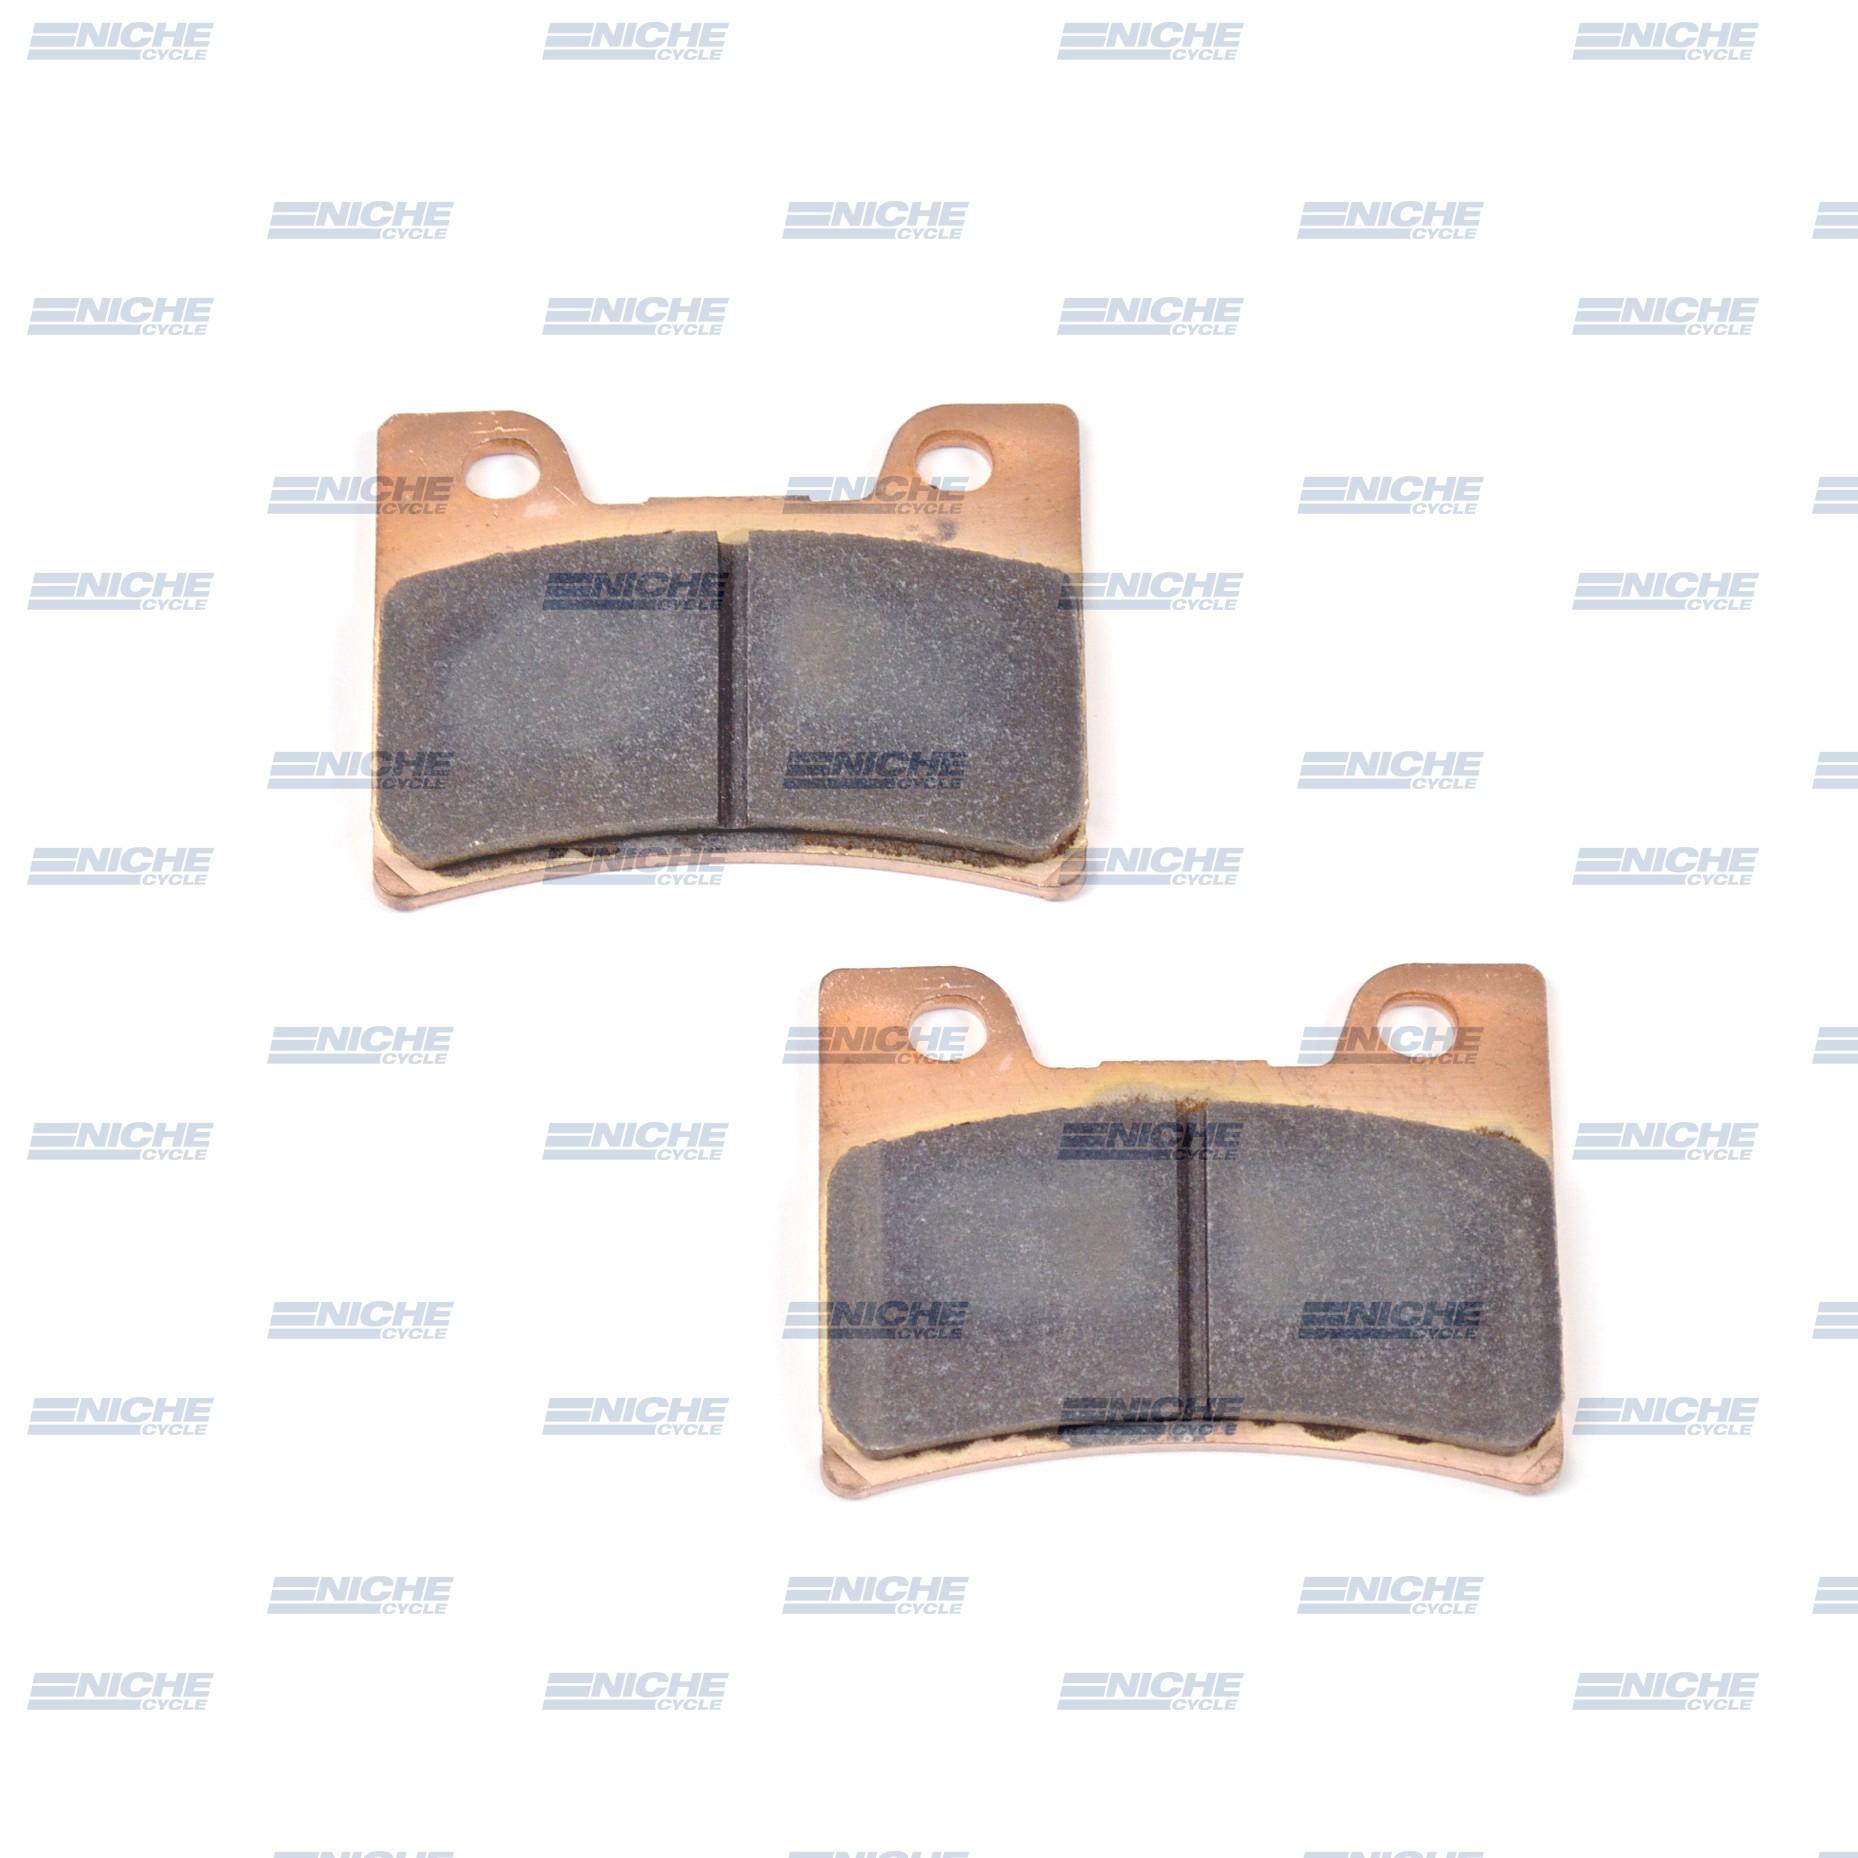 Brake Pad - Full Metal 64-62280